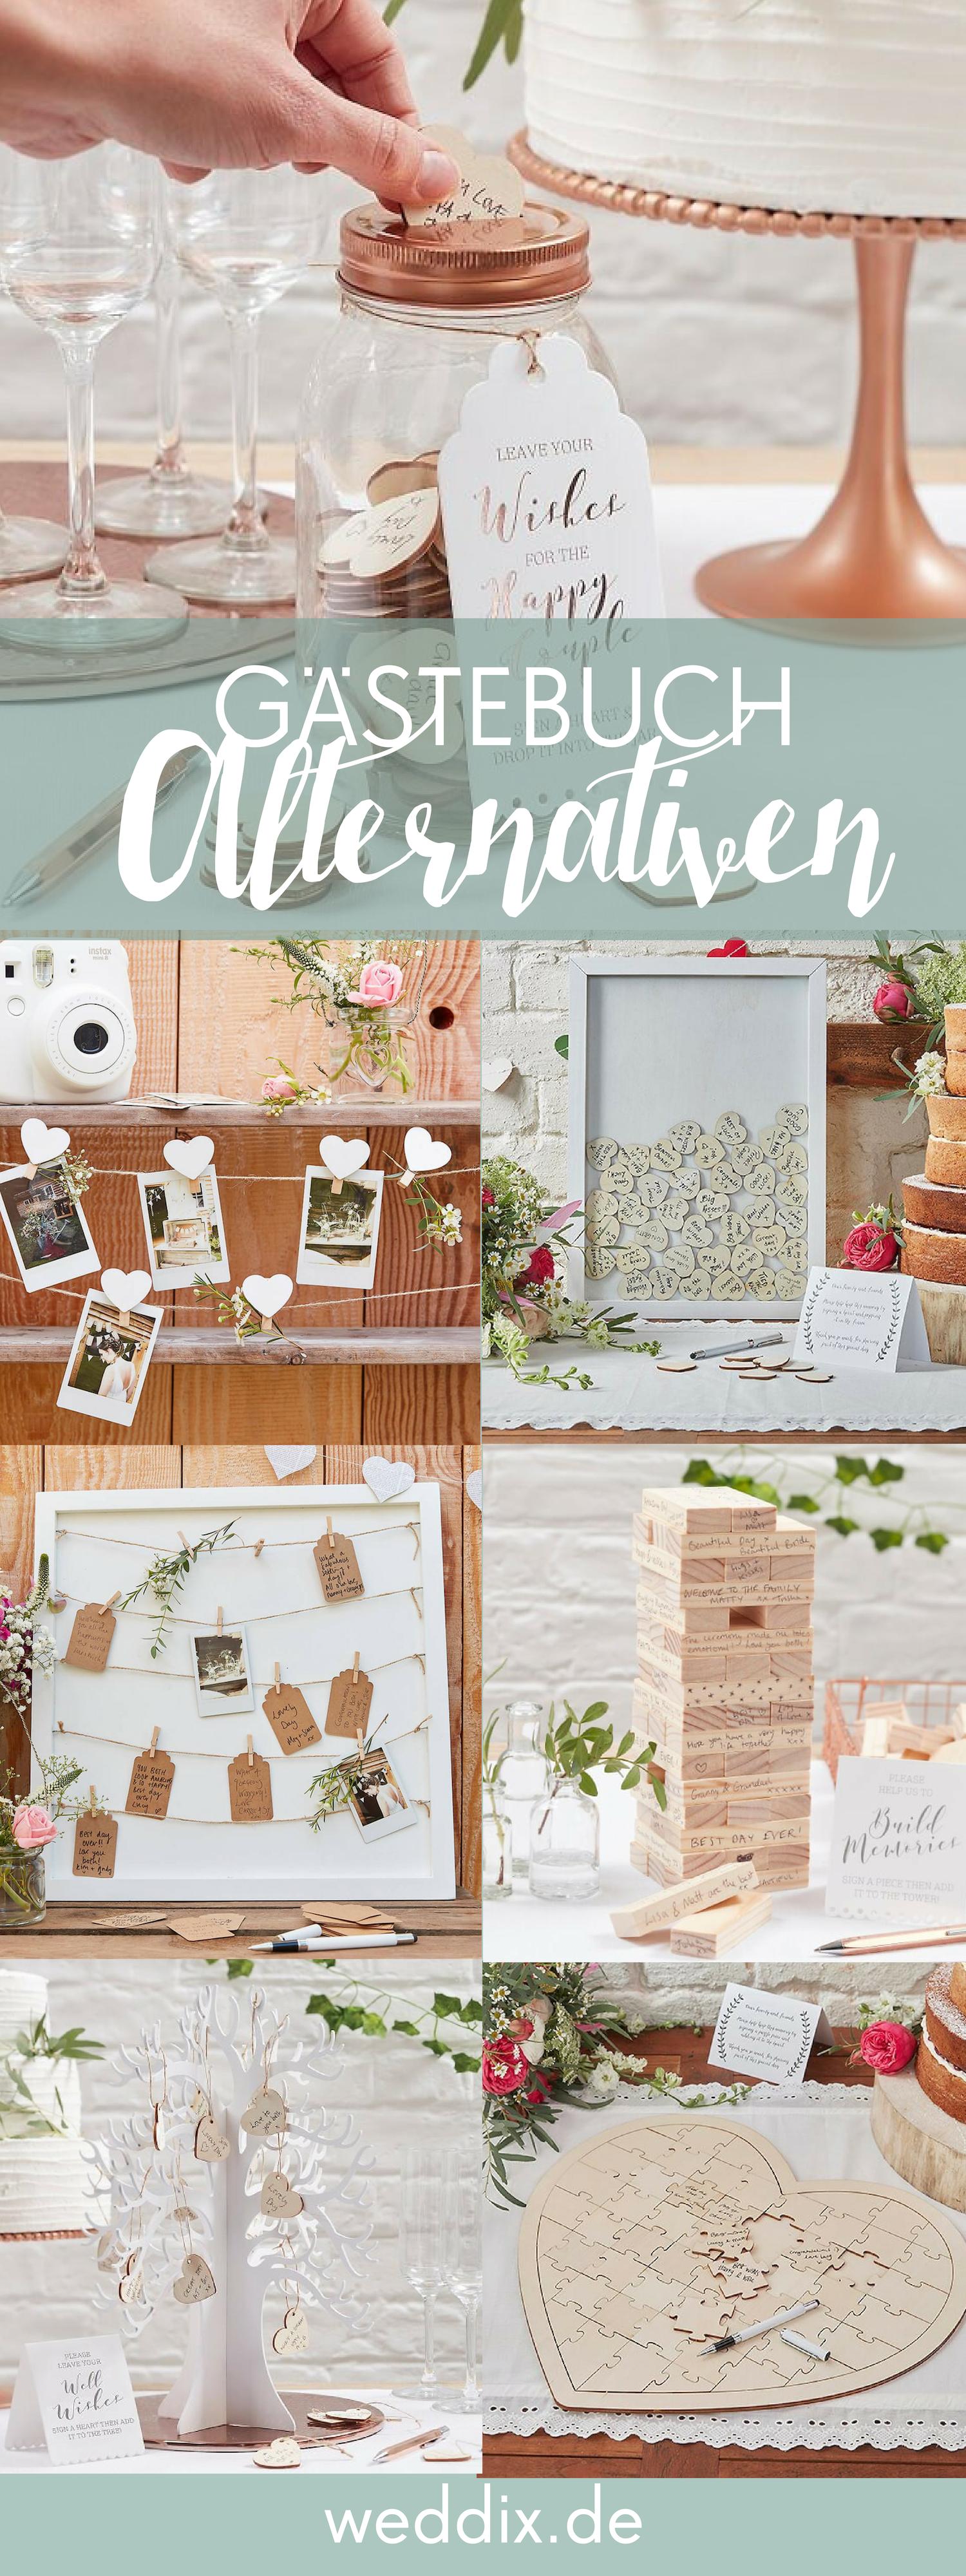 Es muss ja nicht immer ein Buch sein: Diese Gästebuch  Alternativen sind kreativ und wunderschön! #gästebuch #hochzeit #gästebuchalternativen #ideen #inspiration